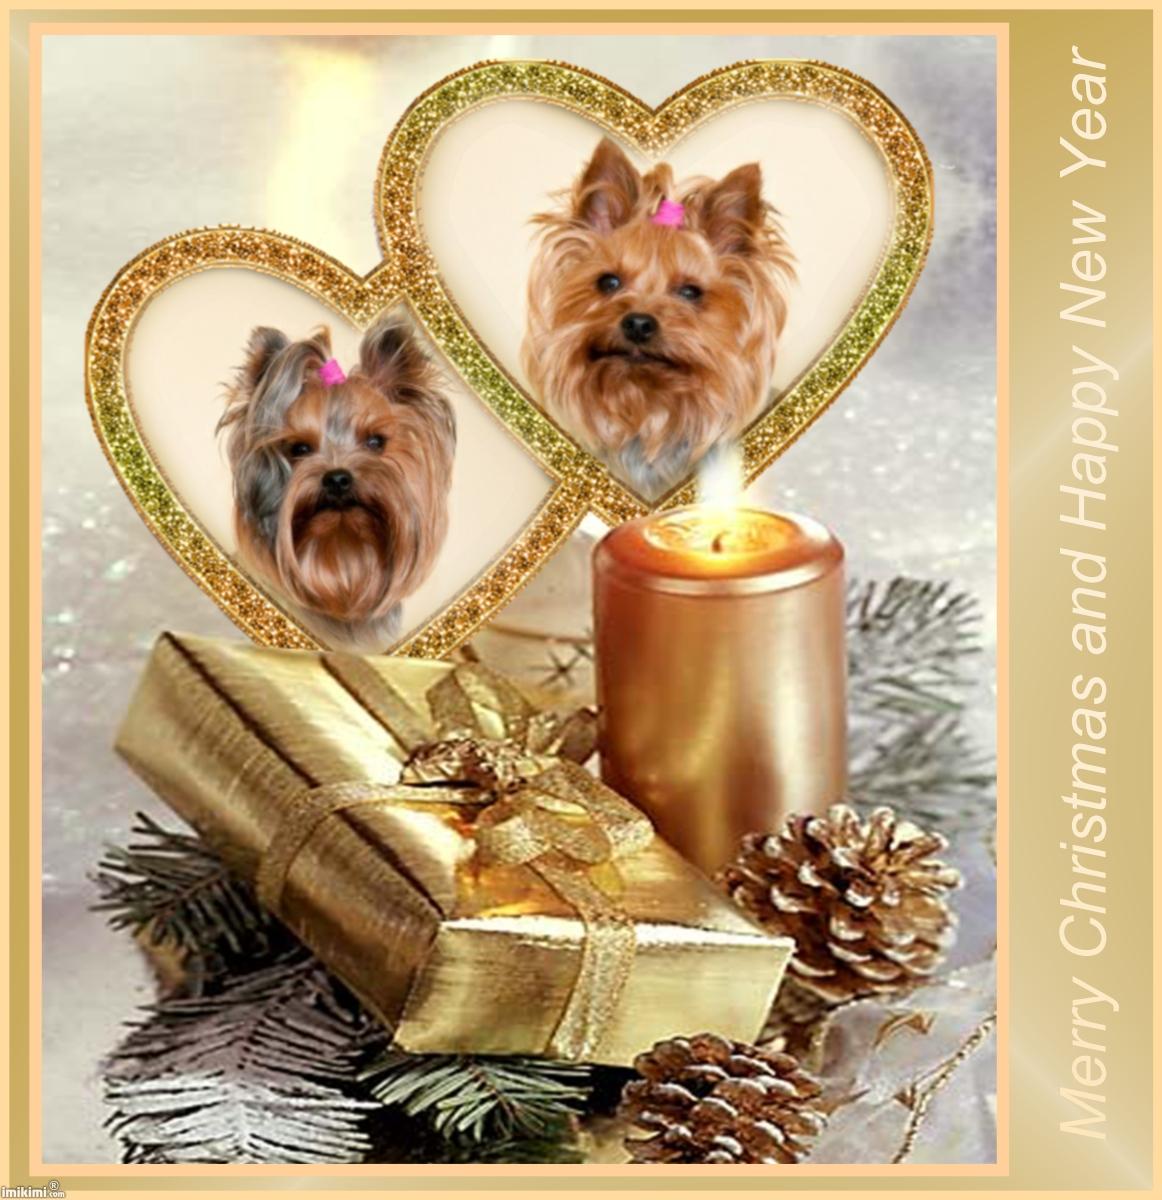 Radostné Vianoce a šťastný nový rok